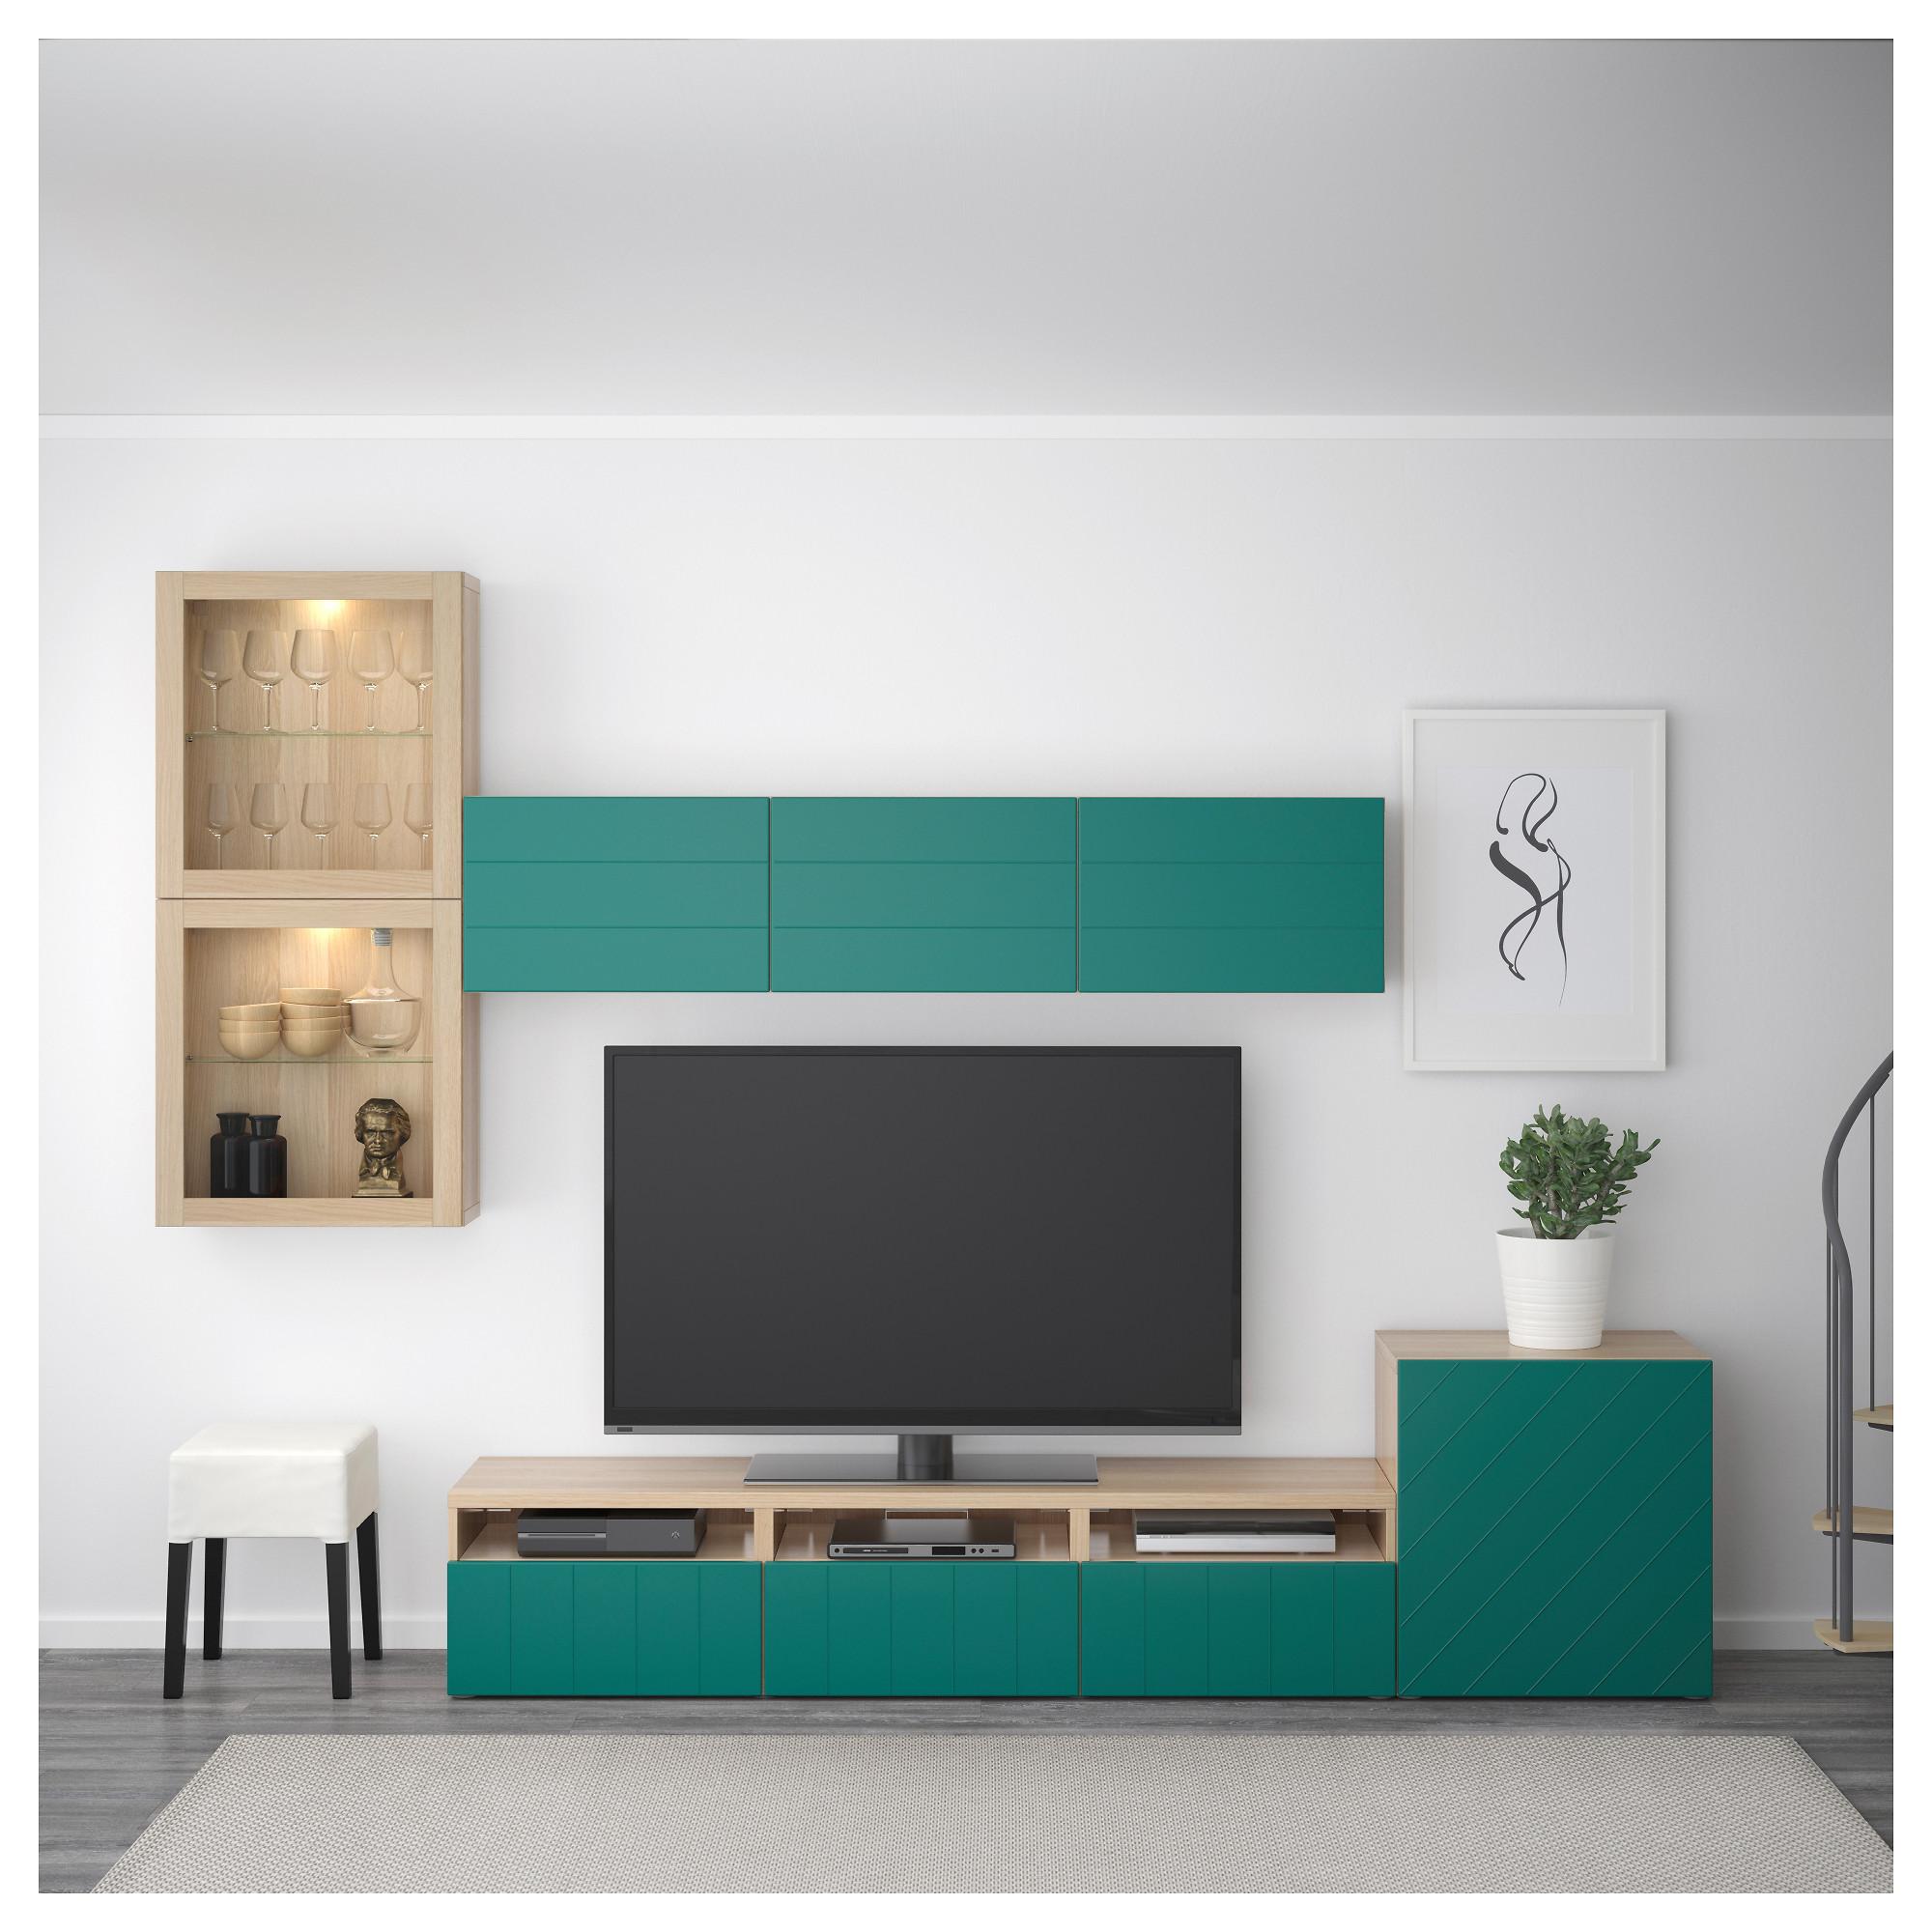 Шкаф для ТВ, комбинированный, стекляные дверцы БЕСТО сине-зеленый артикуль № 592.761.34 в наличии. Онлайн сайт ИКЕА РБ. Недорогая доставка и монтаж.